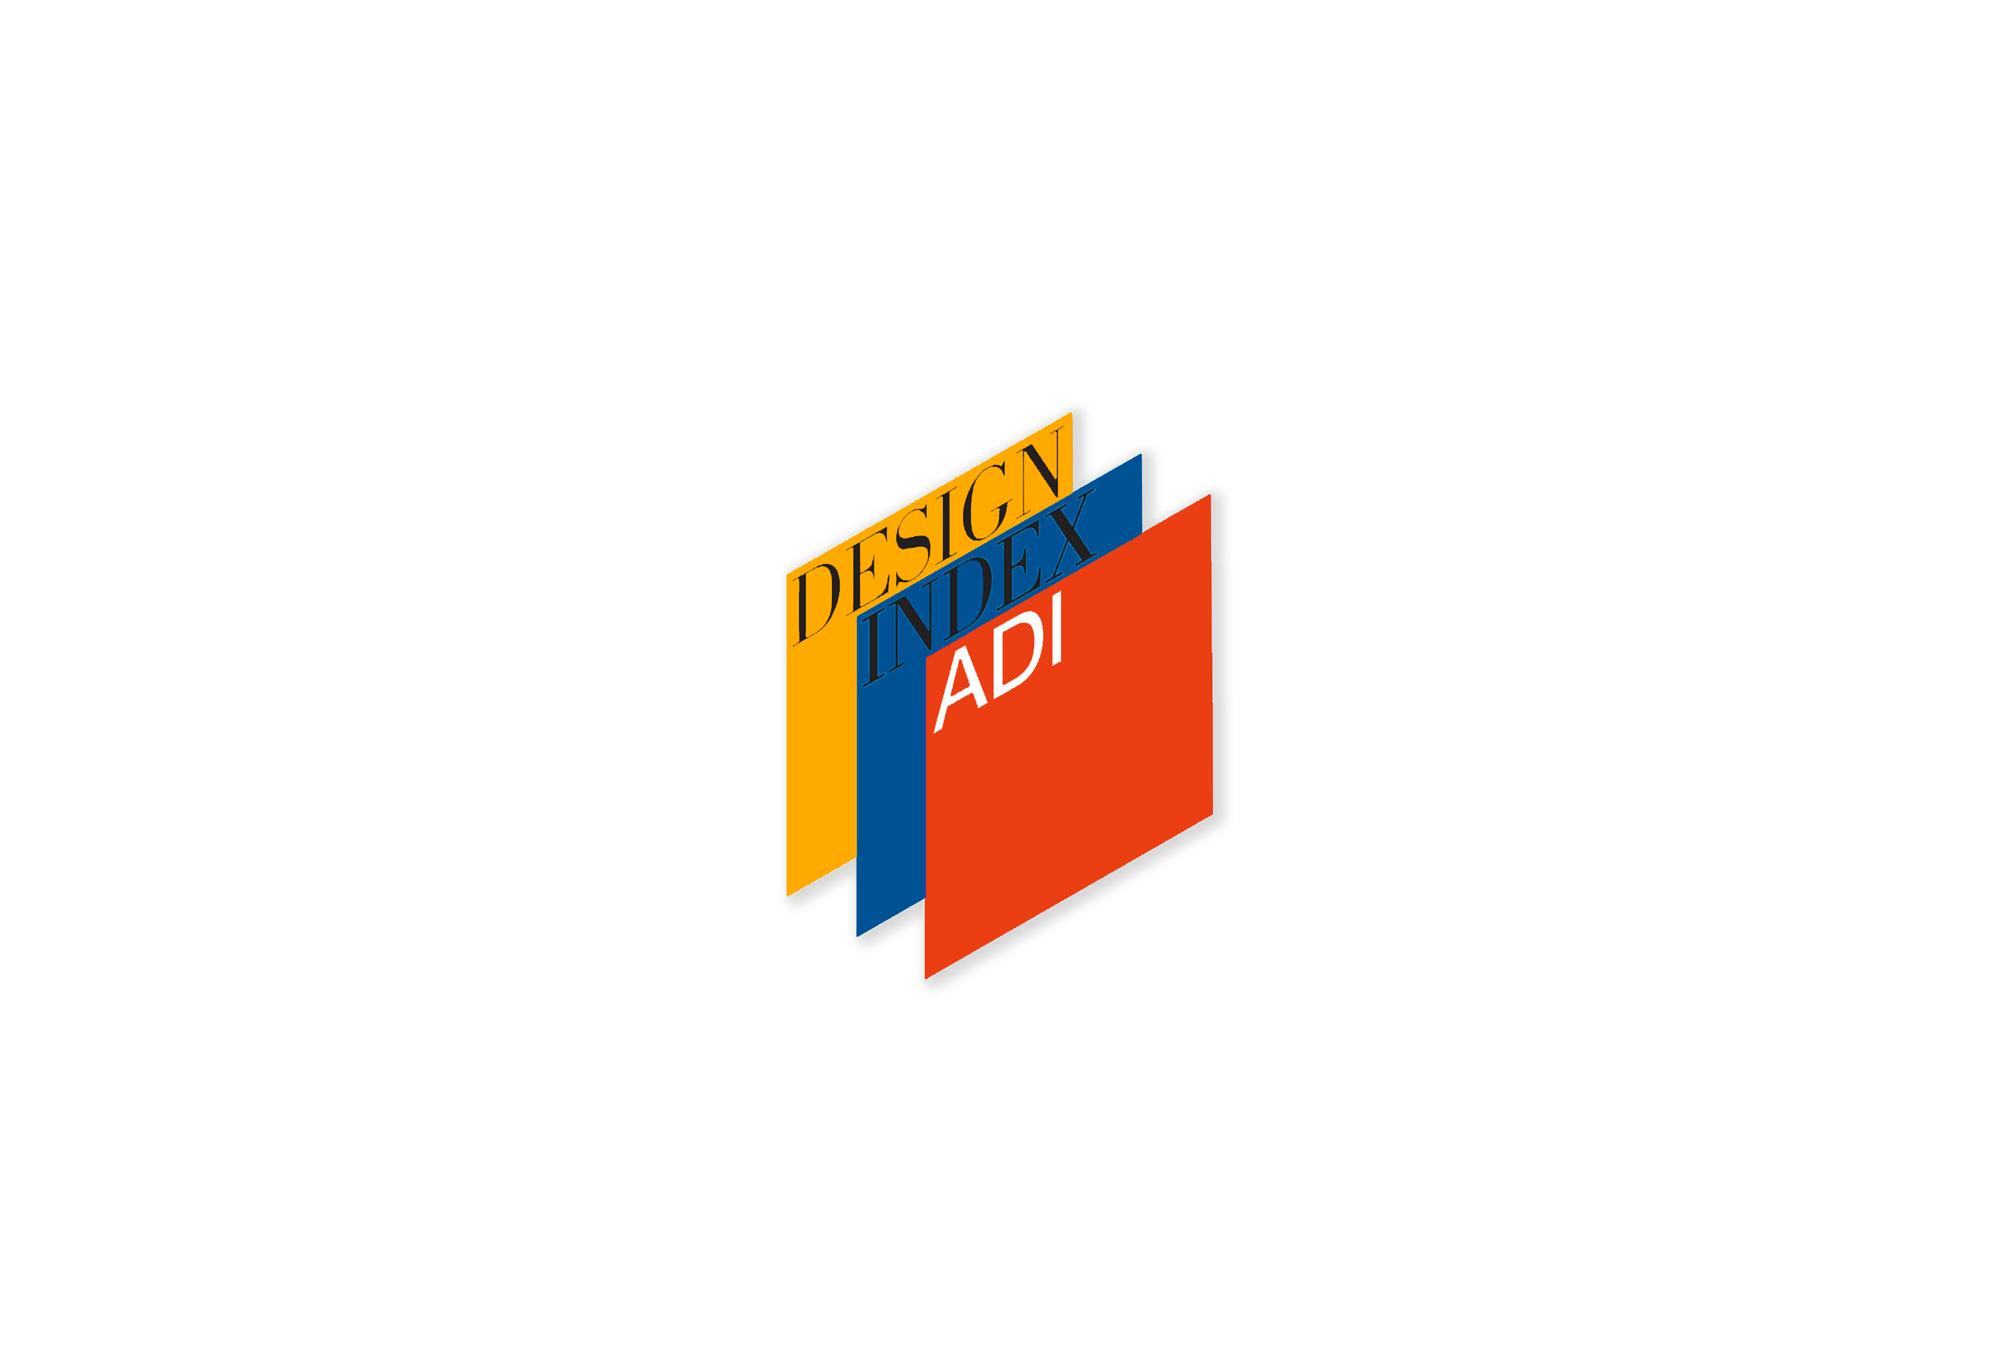 Premio Innovazione ADI Design Index 2017